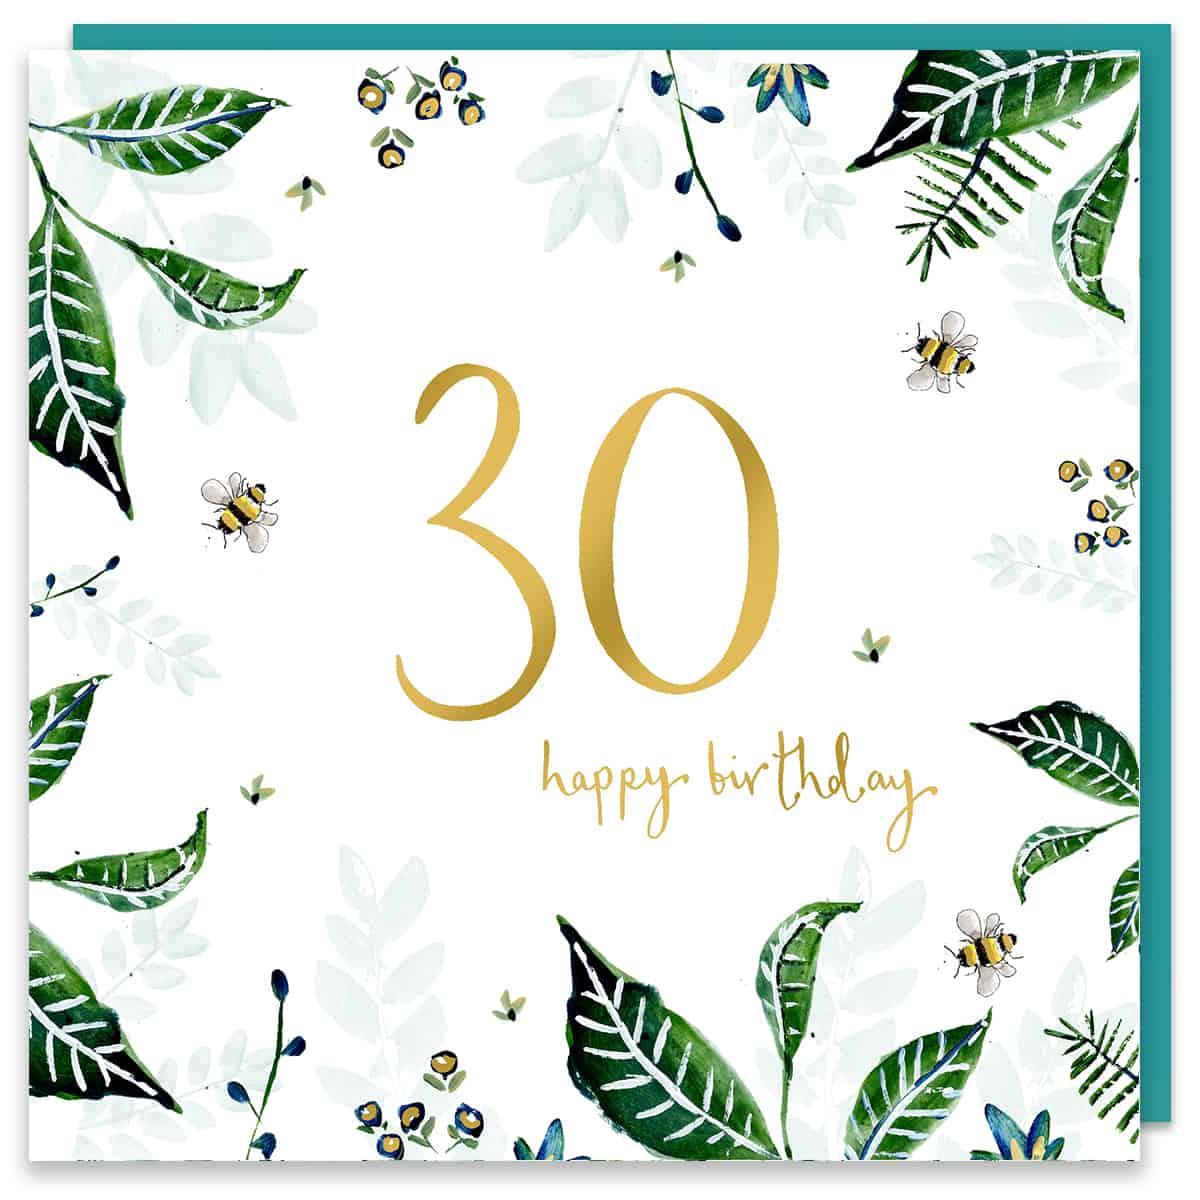 30th brithday card